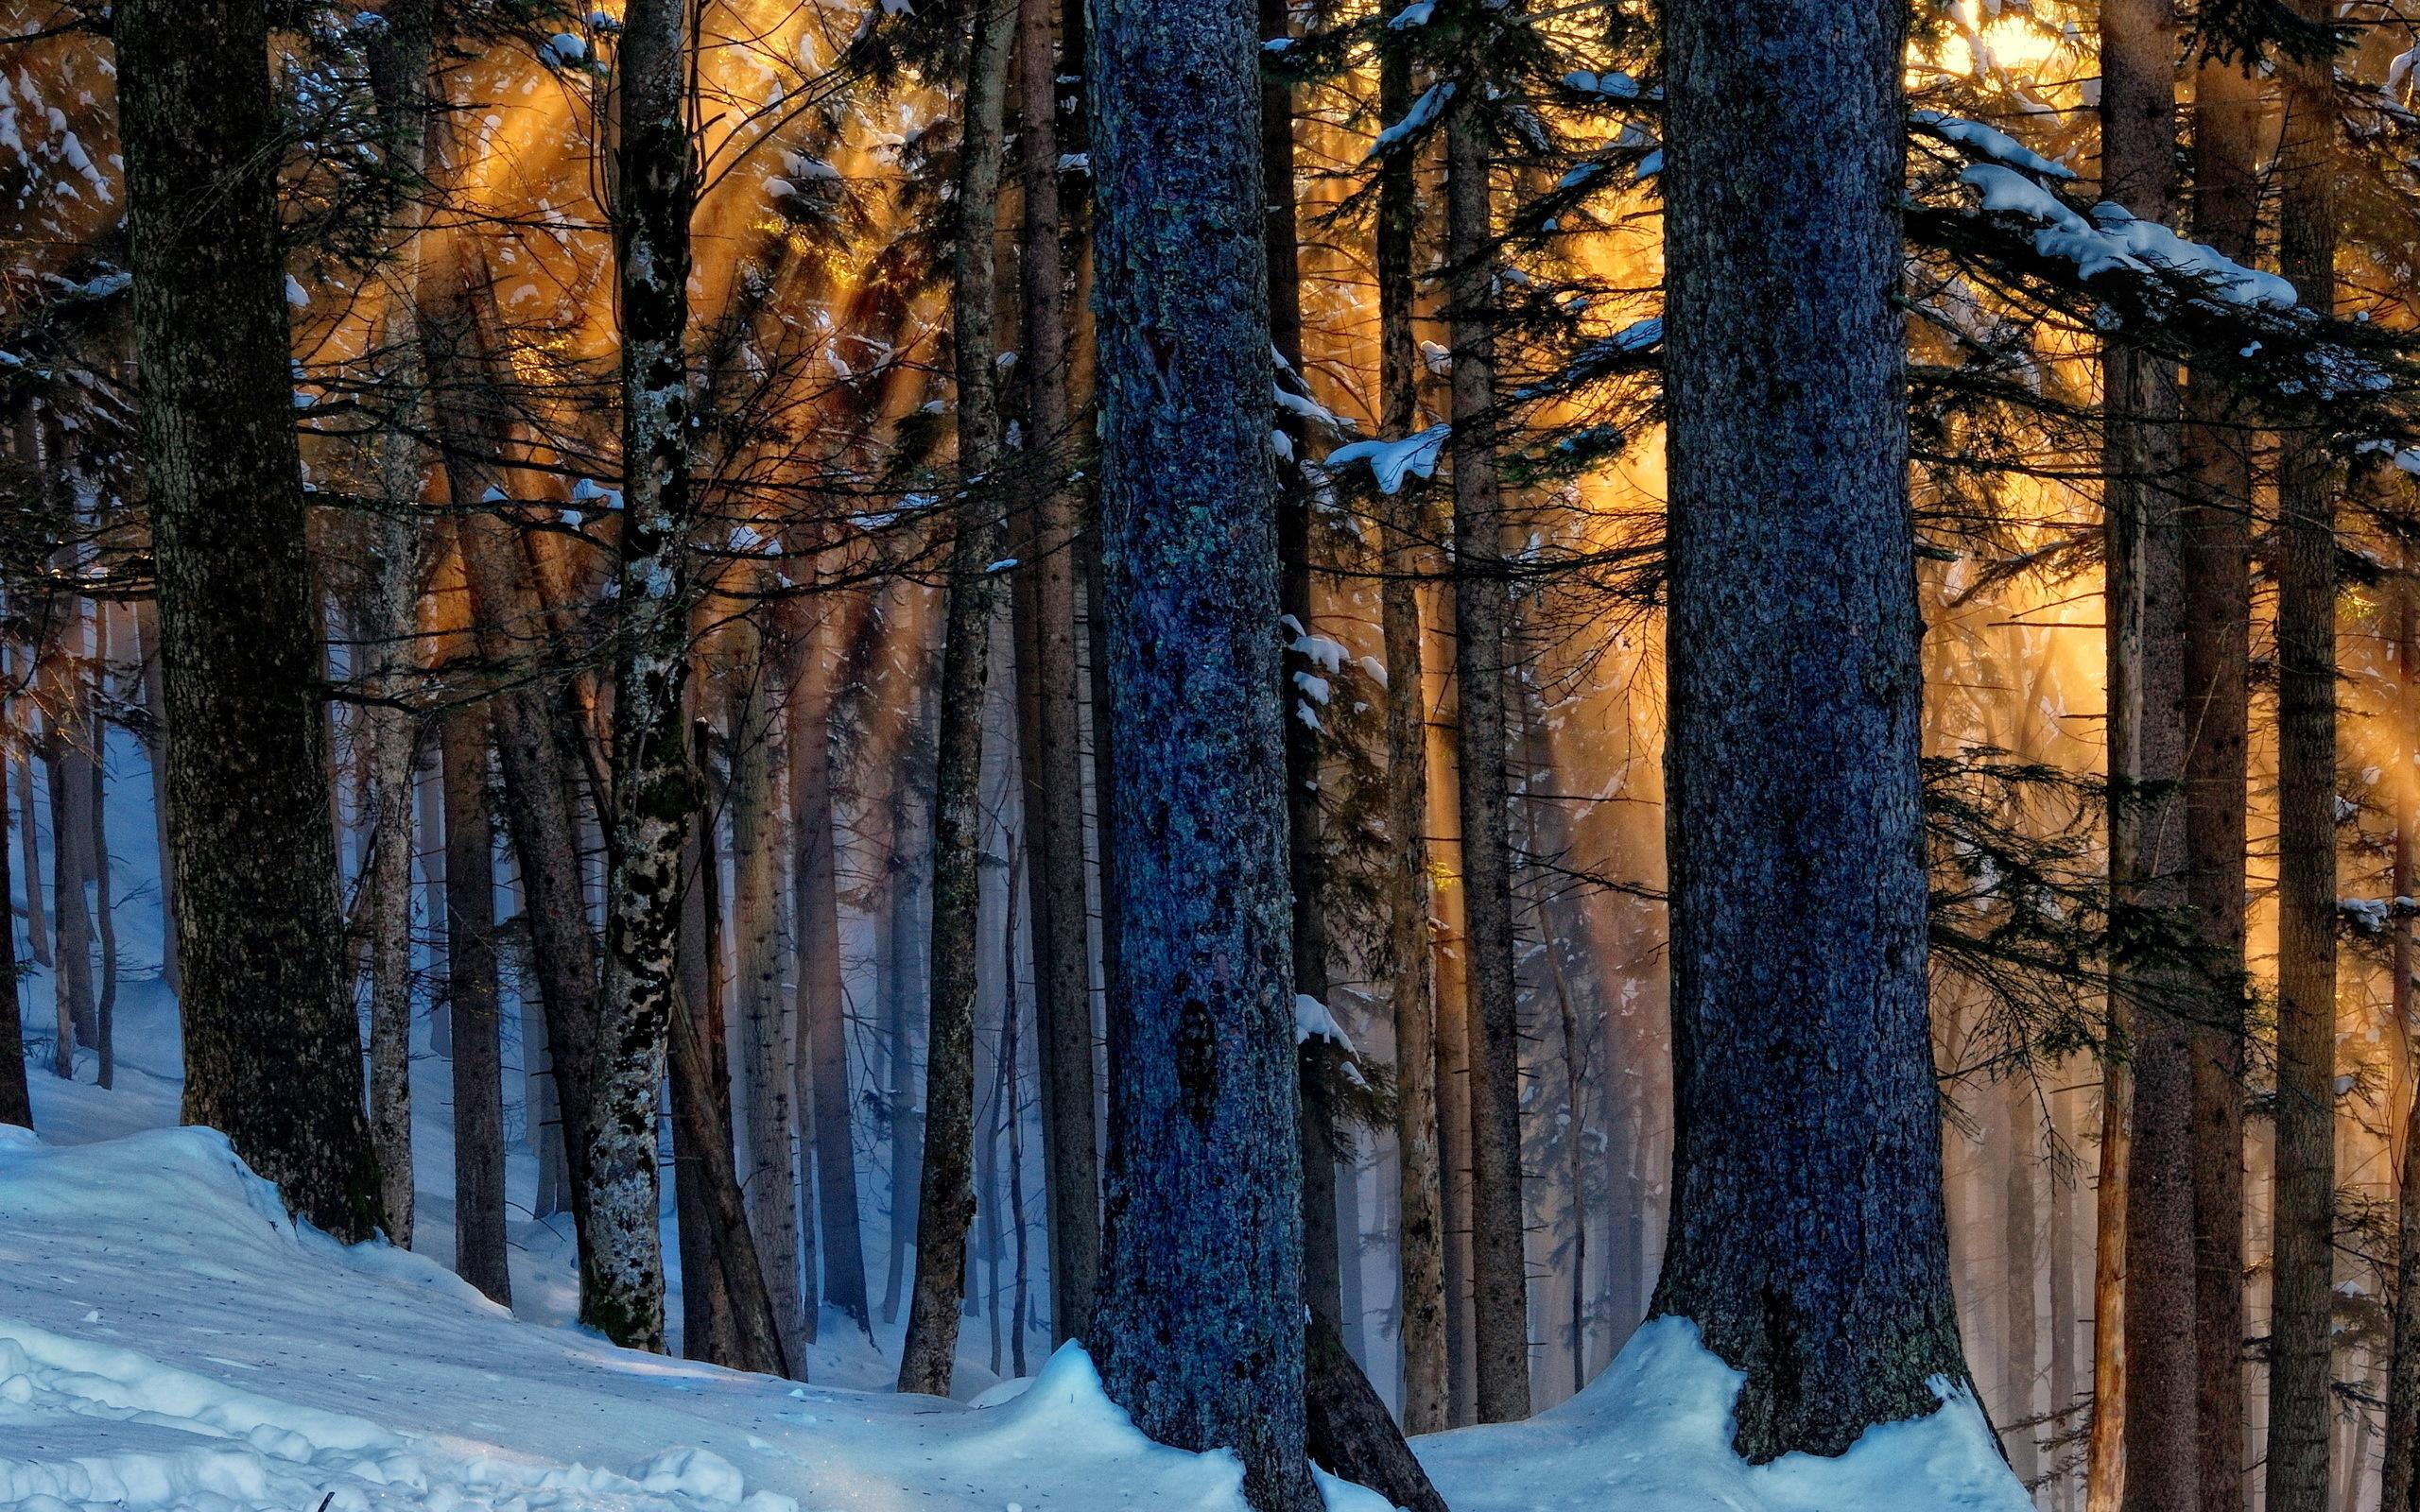 Картинки зимнего леса в хорошем качестве, женщине